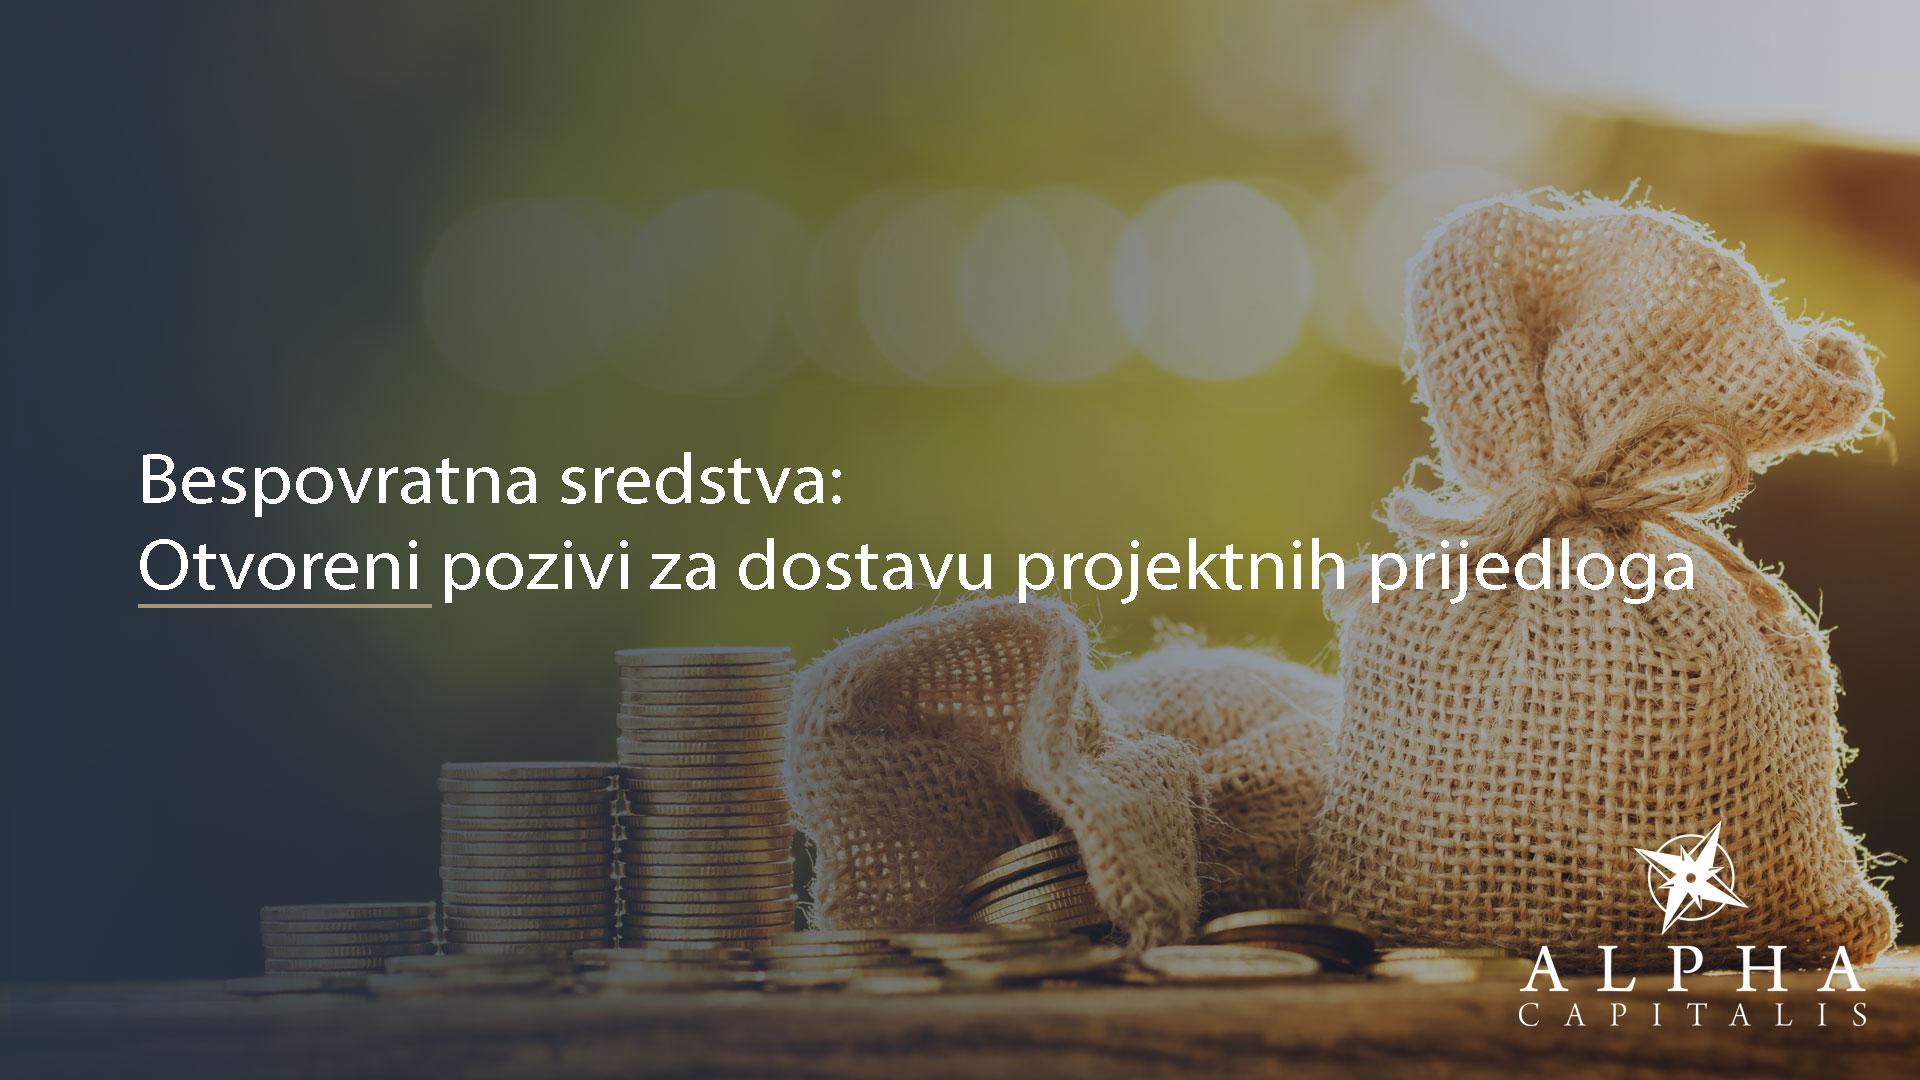 alpha-capitalis-novosti-europski-socijalni-fond